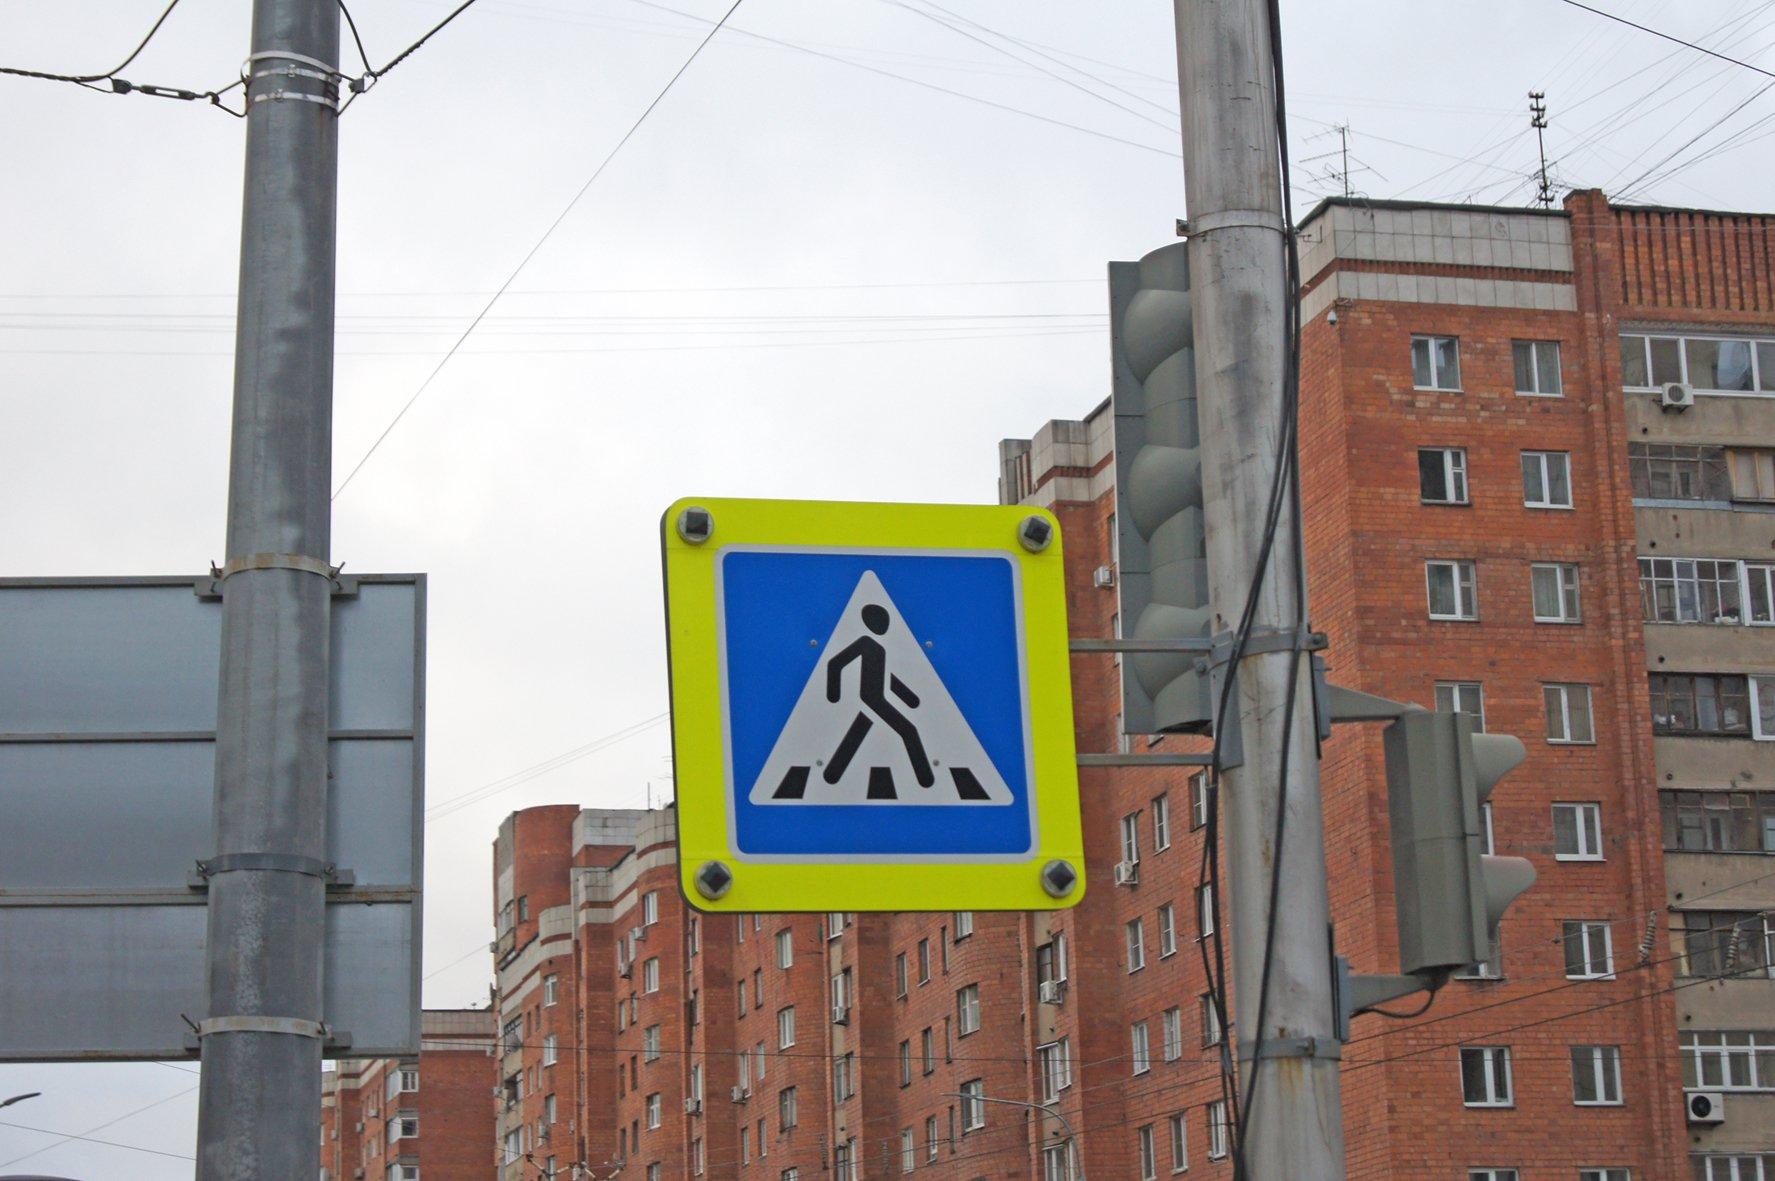 В Кирово-Чепецке появятся новый пешеходный переход и дорожные знаки